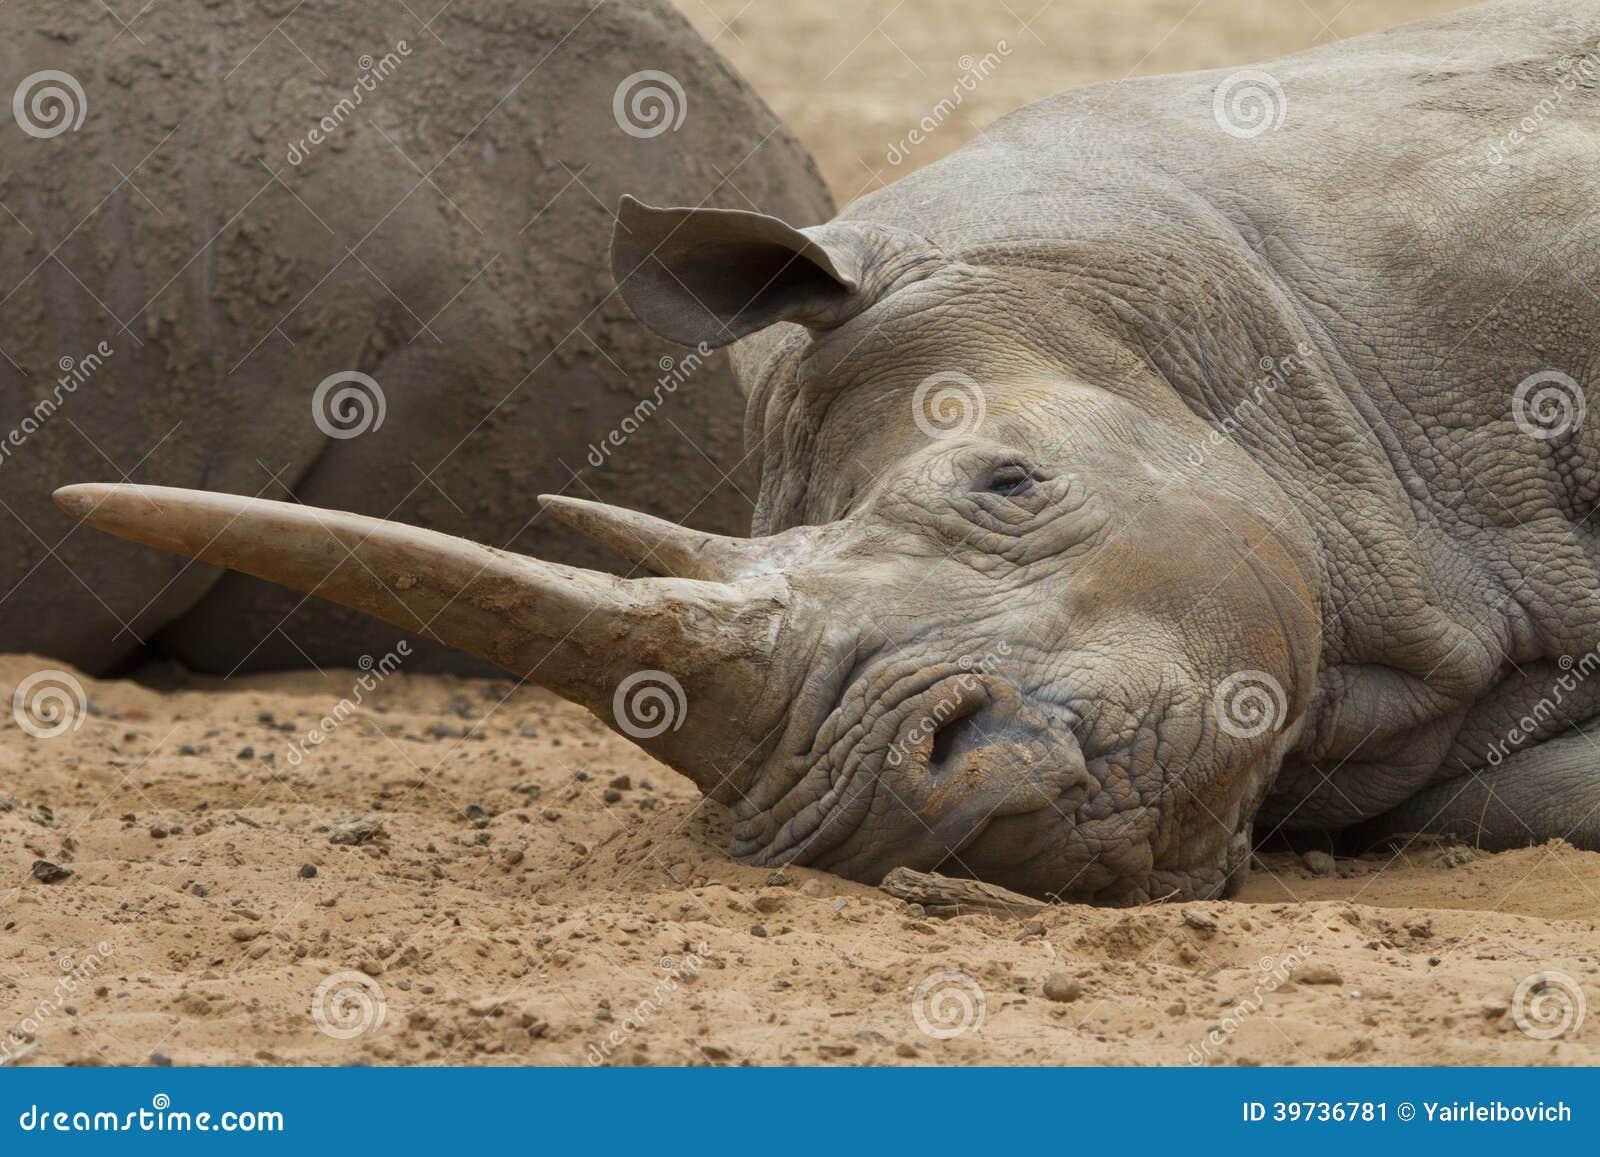 Sleeping White Rhino by WillemSvdMerwe on DeviantArt